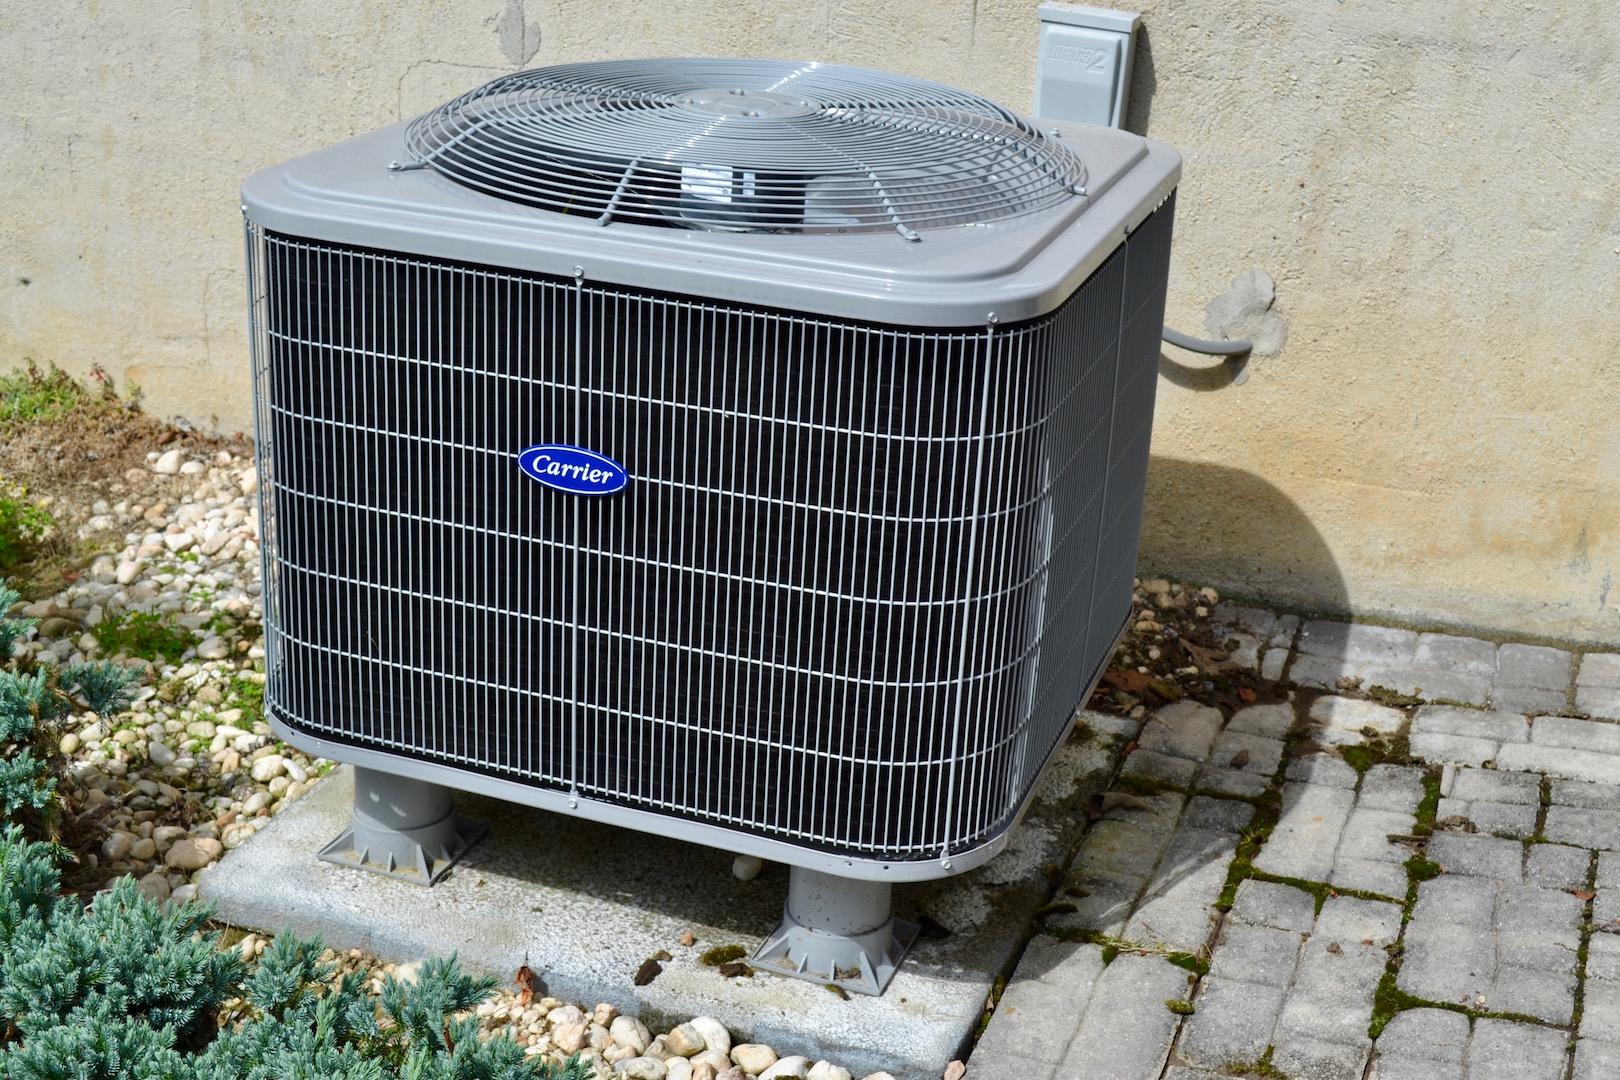 Exterior-New Heat Pump Unit.jpg